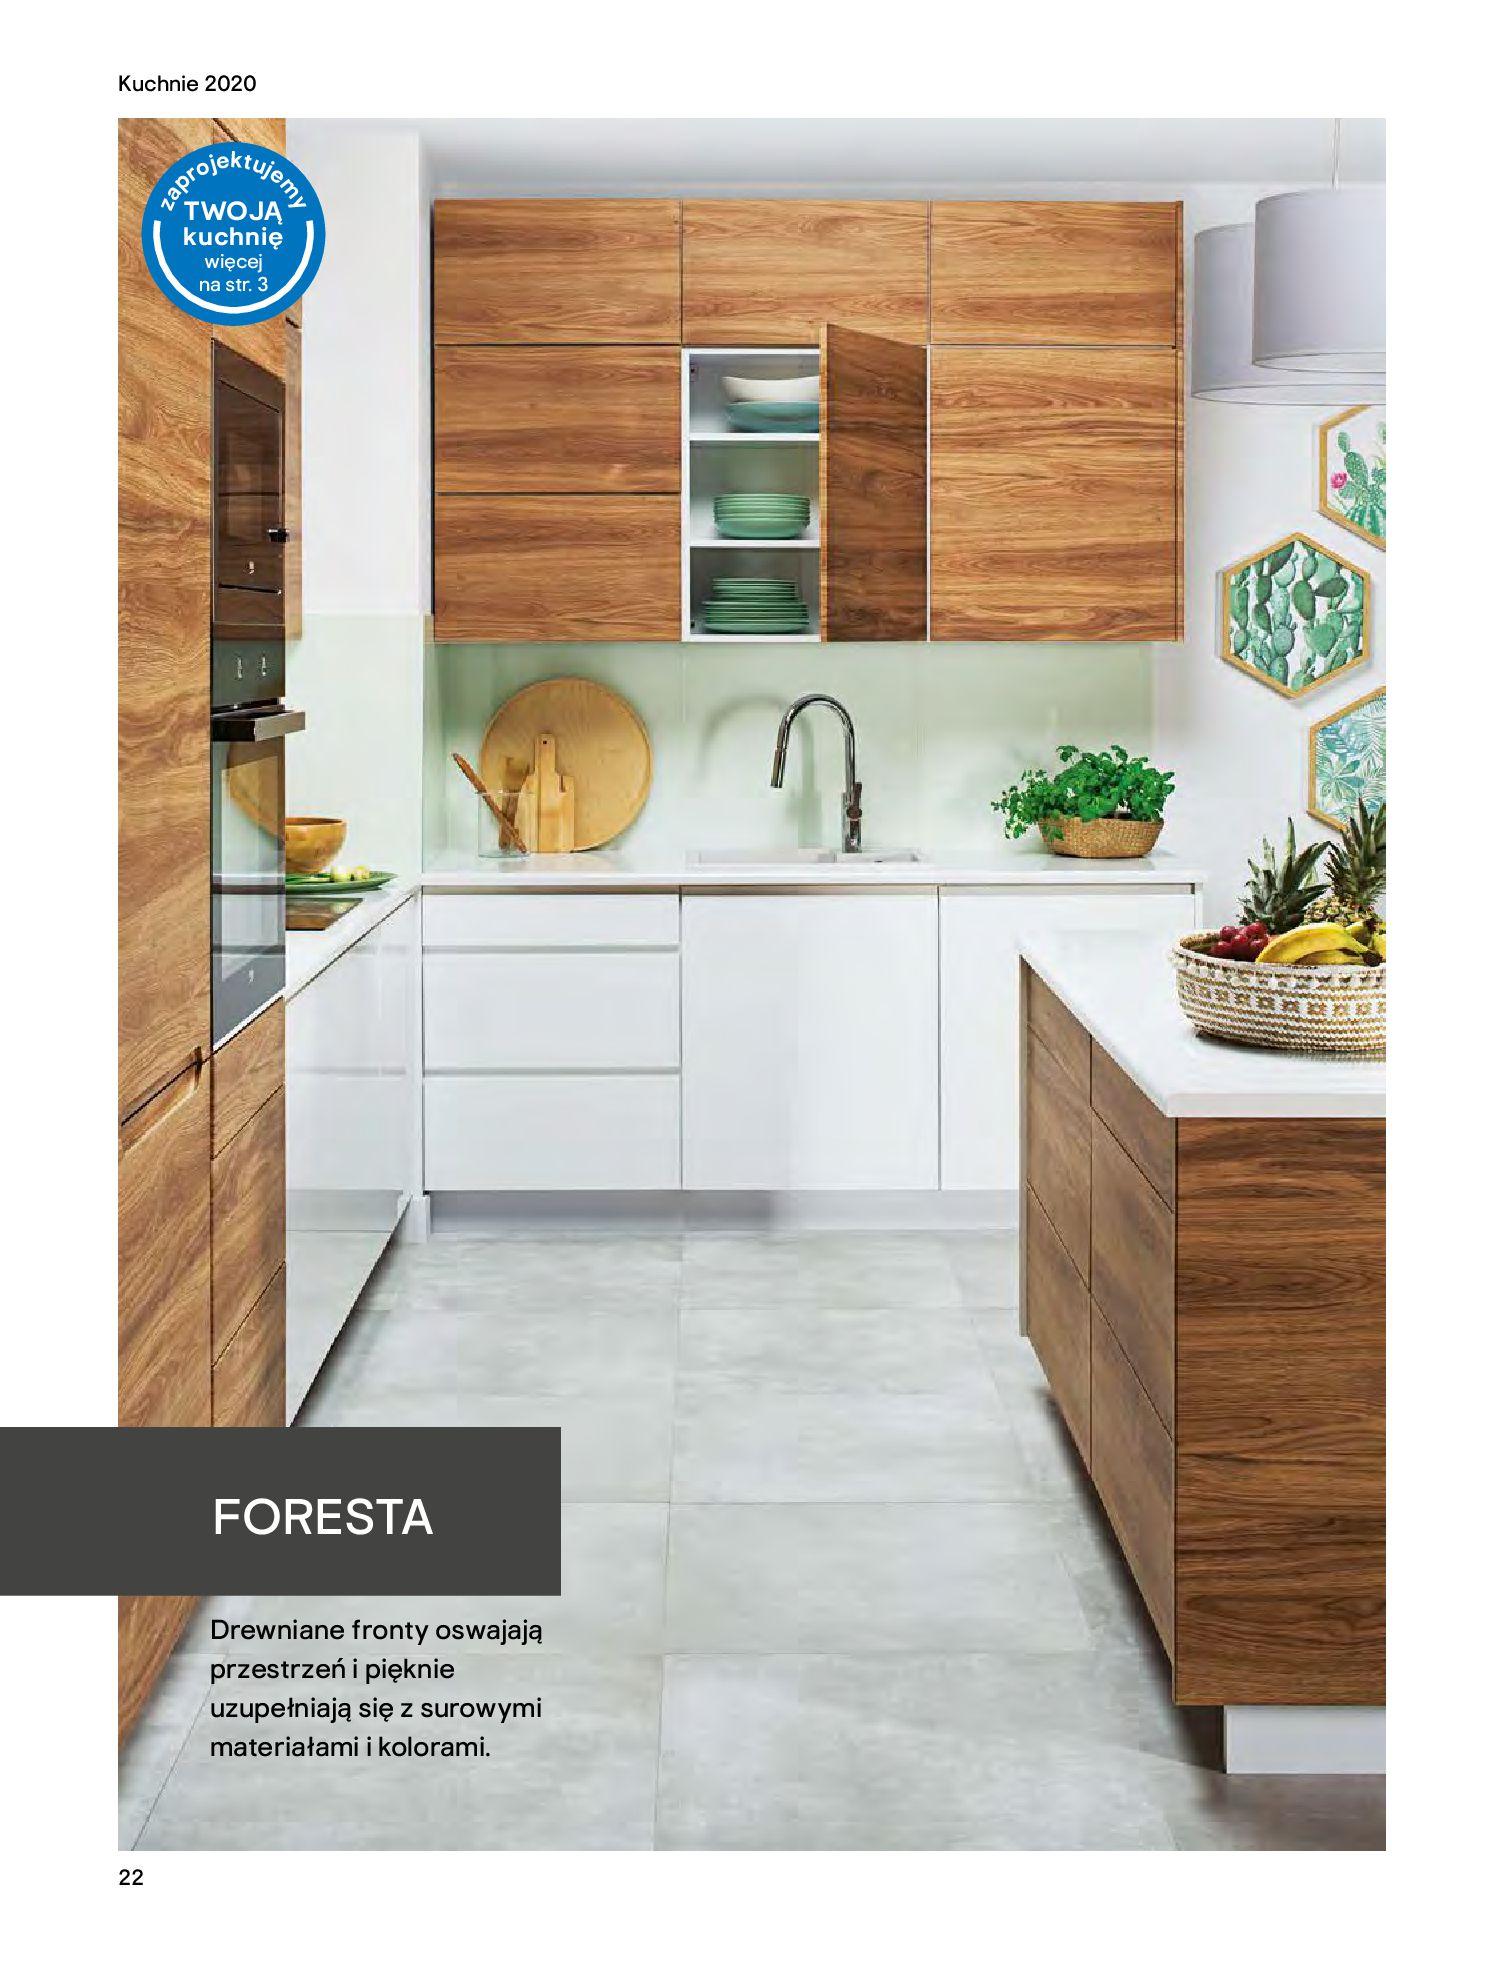 Gazetka Castorama - Katalog Kuchnie 2020-14.04.2020-31.12.2020-page-22